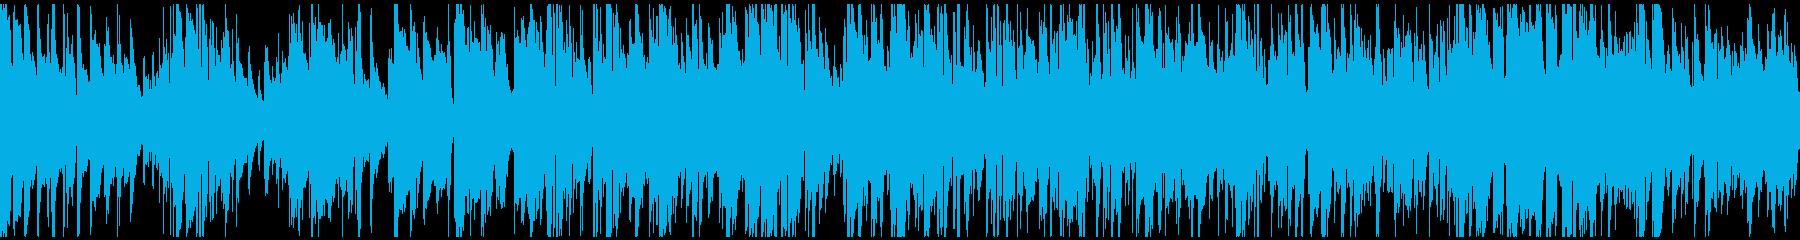 リラックス系まったりジャズ※ループ仕様版の再生済みの波形